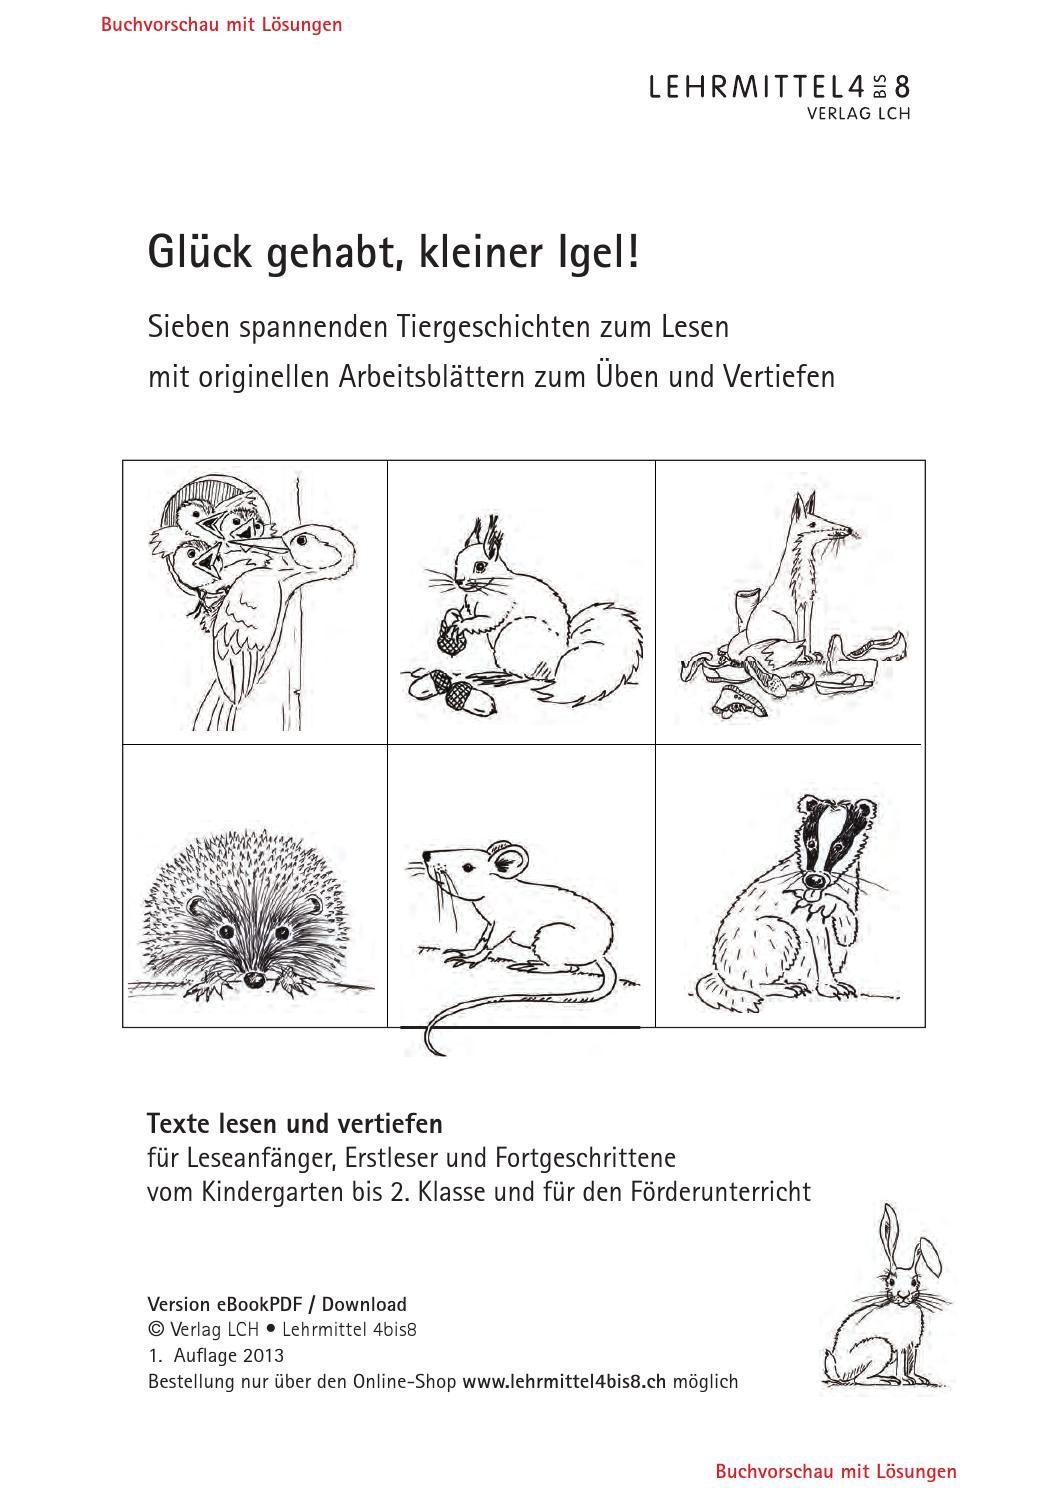 ebookpdf_kleinerigel_webvorschau by lehrmittel 4bis8 - issuu